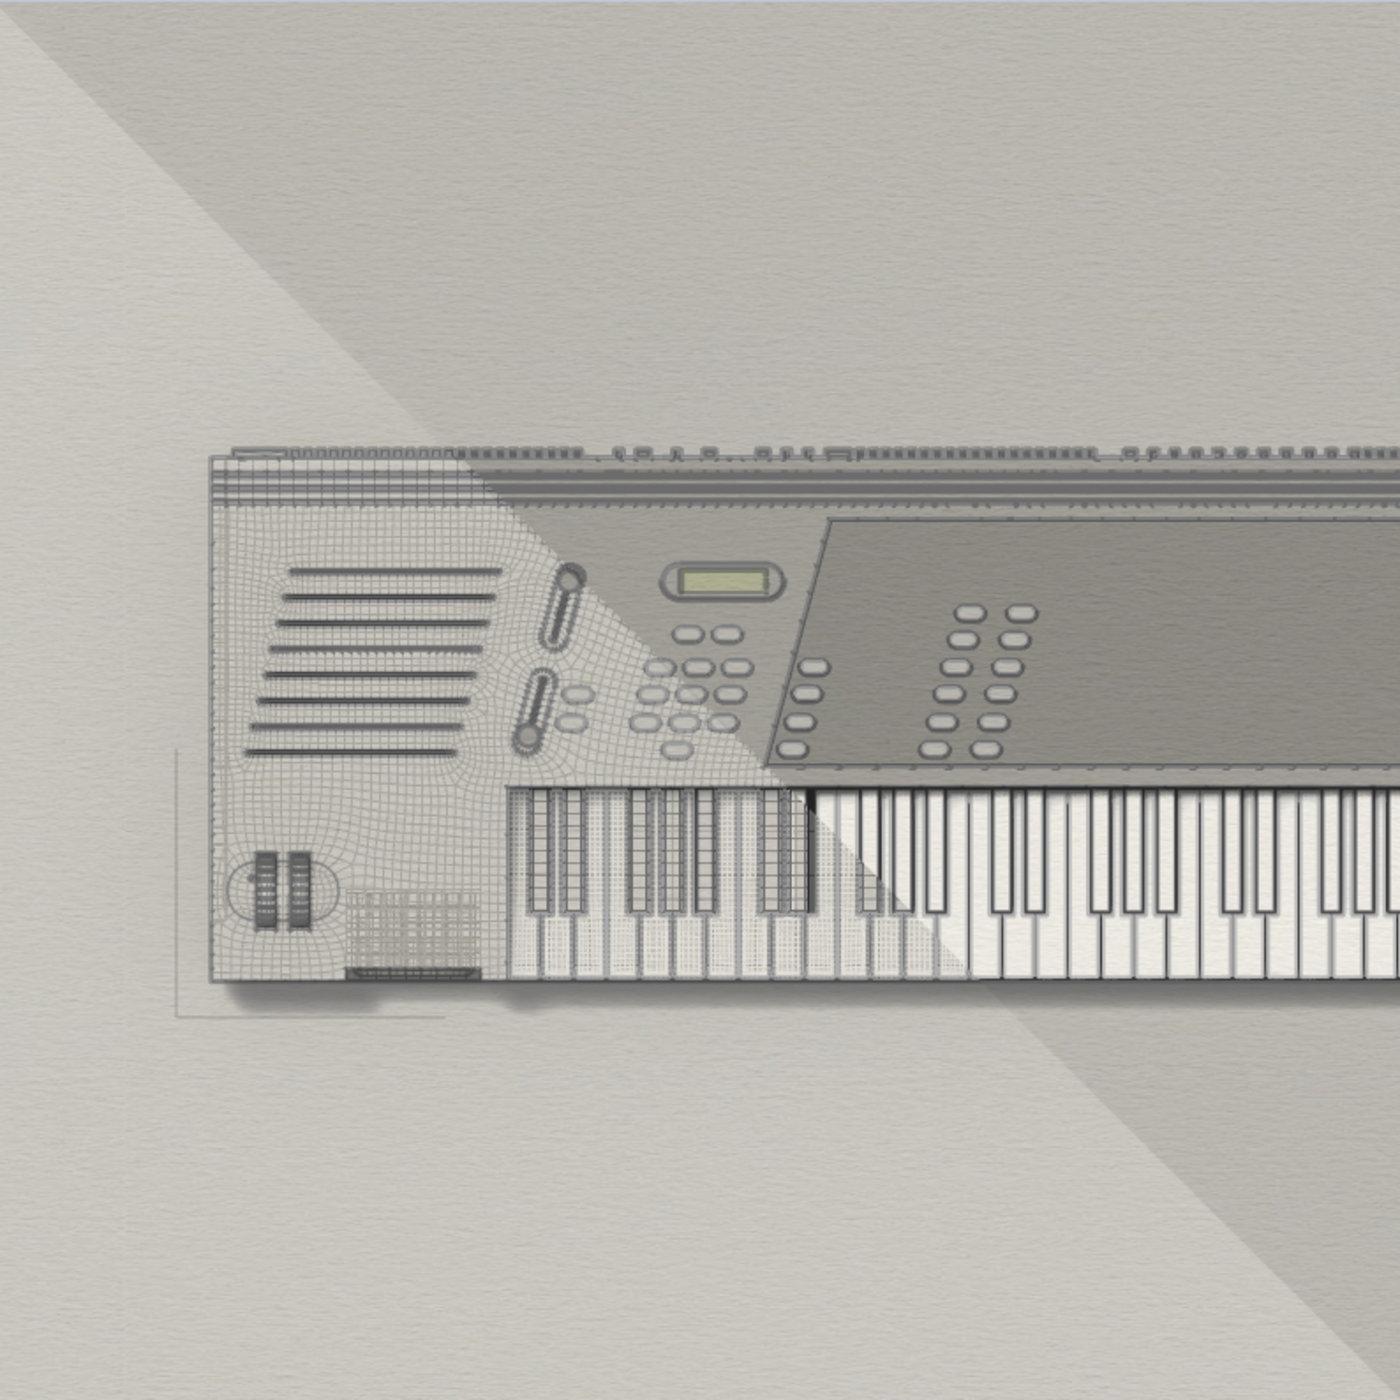 Emu Imax hd se II keyboard